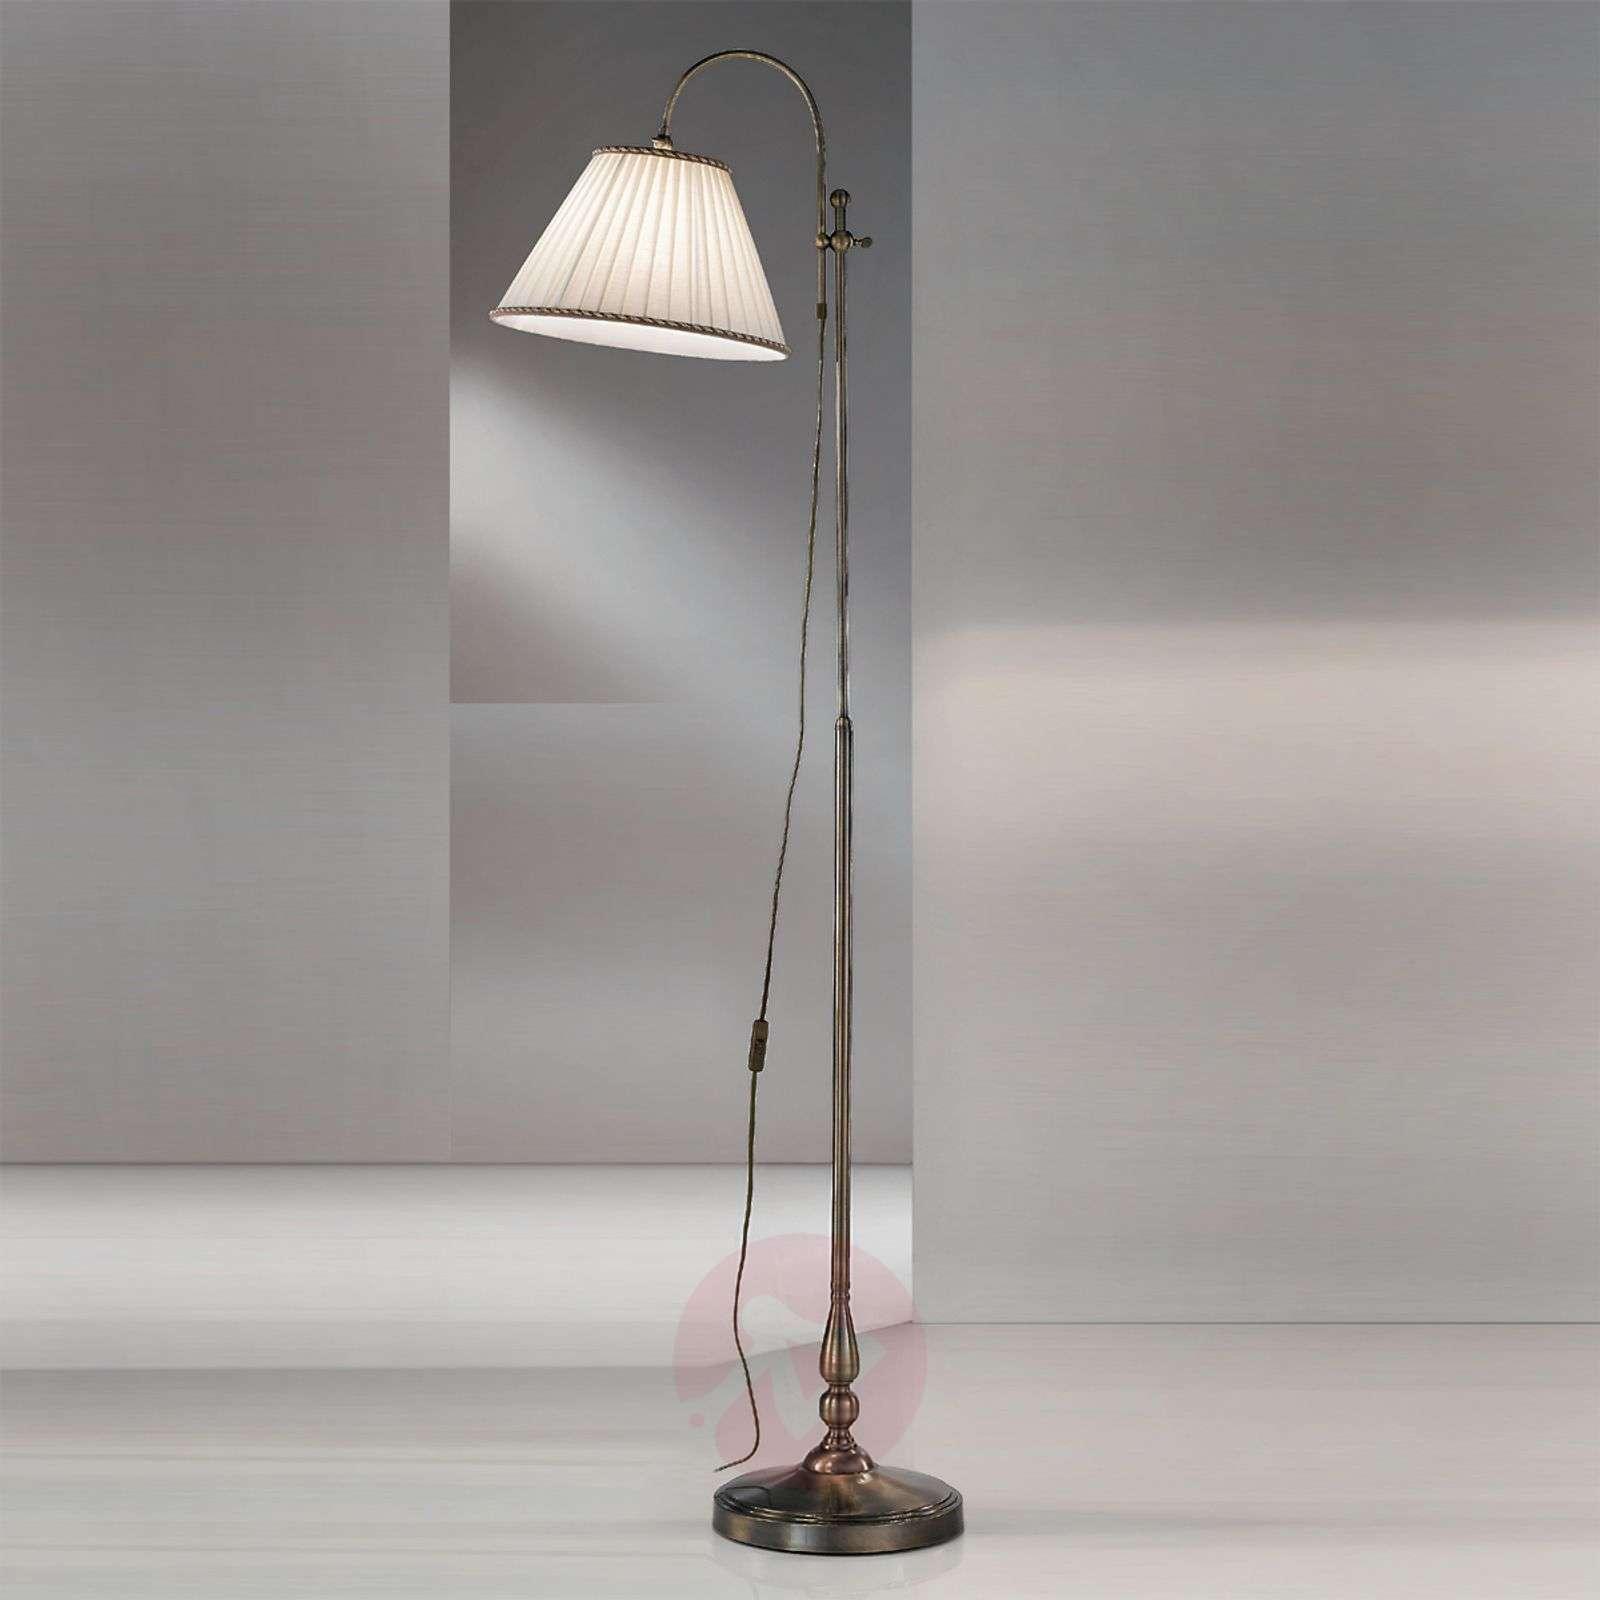 Rosella Floor Lamp Height Adjustable-7253209-03